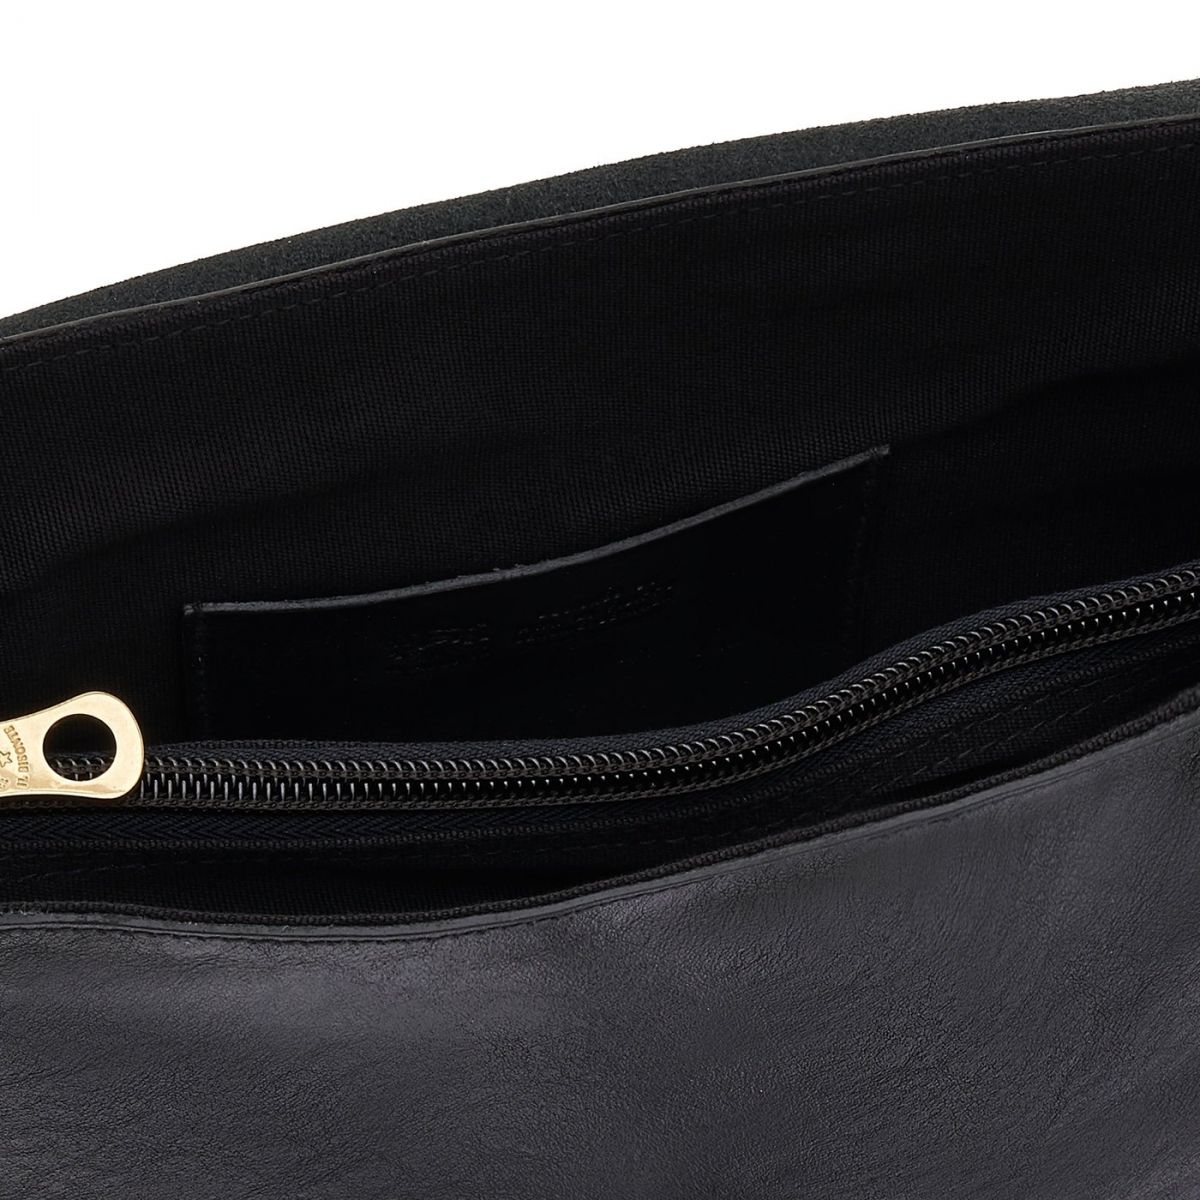 Sac Bandouliere pour Femme en Cuir De Vachette Doublé BCR028 couleur Noir | Details